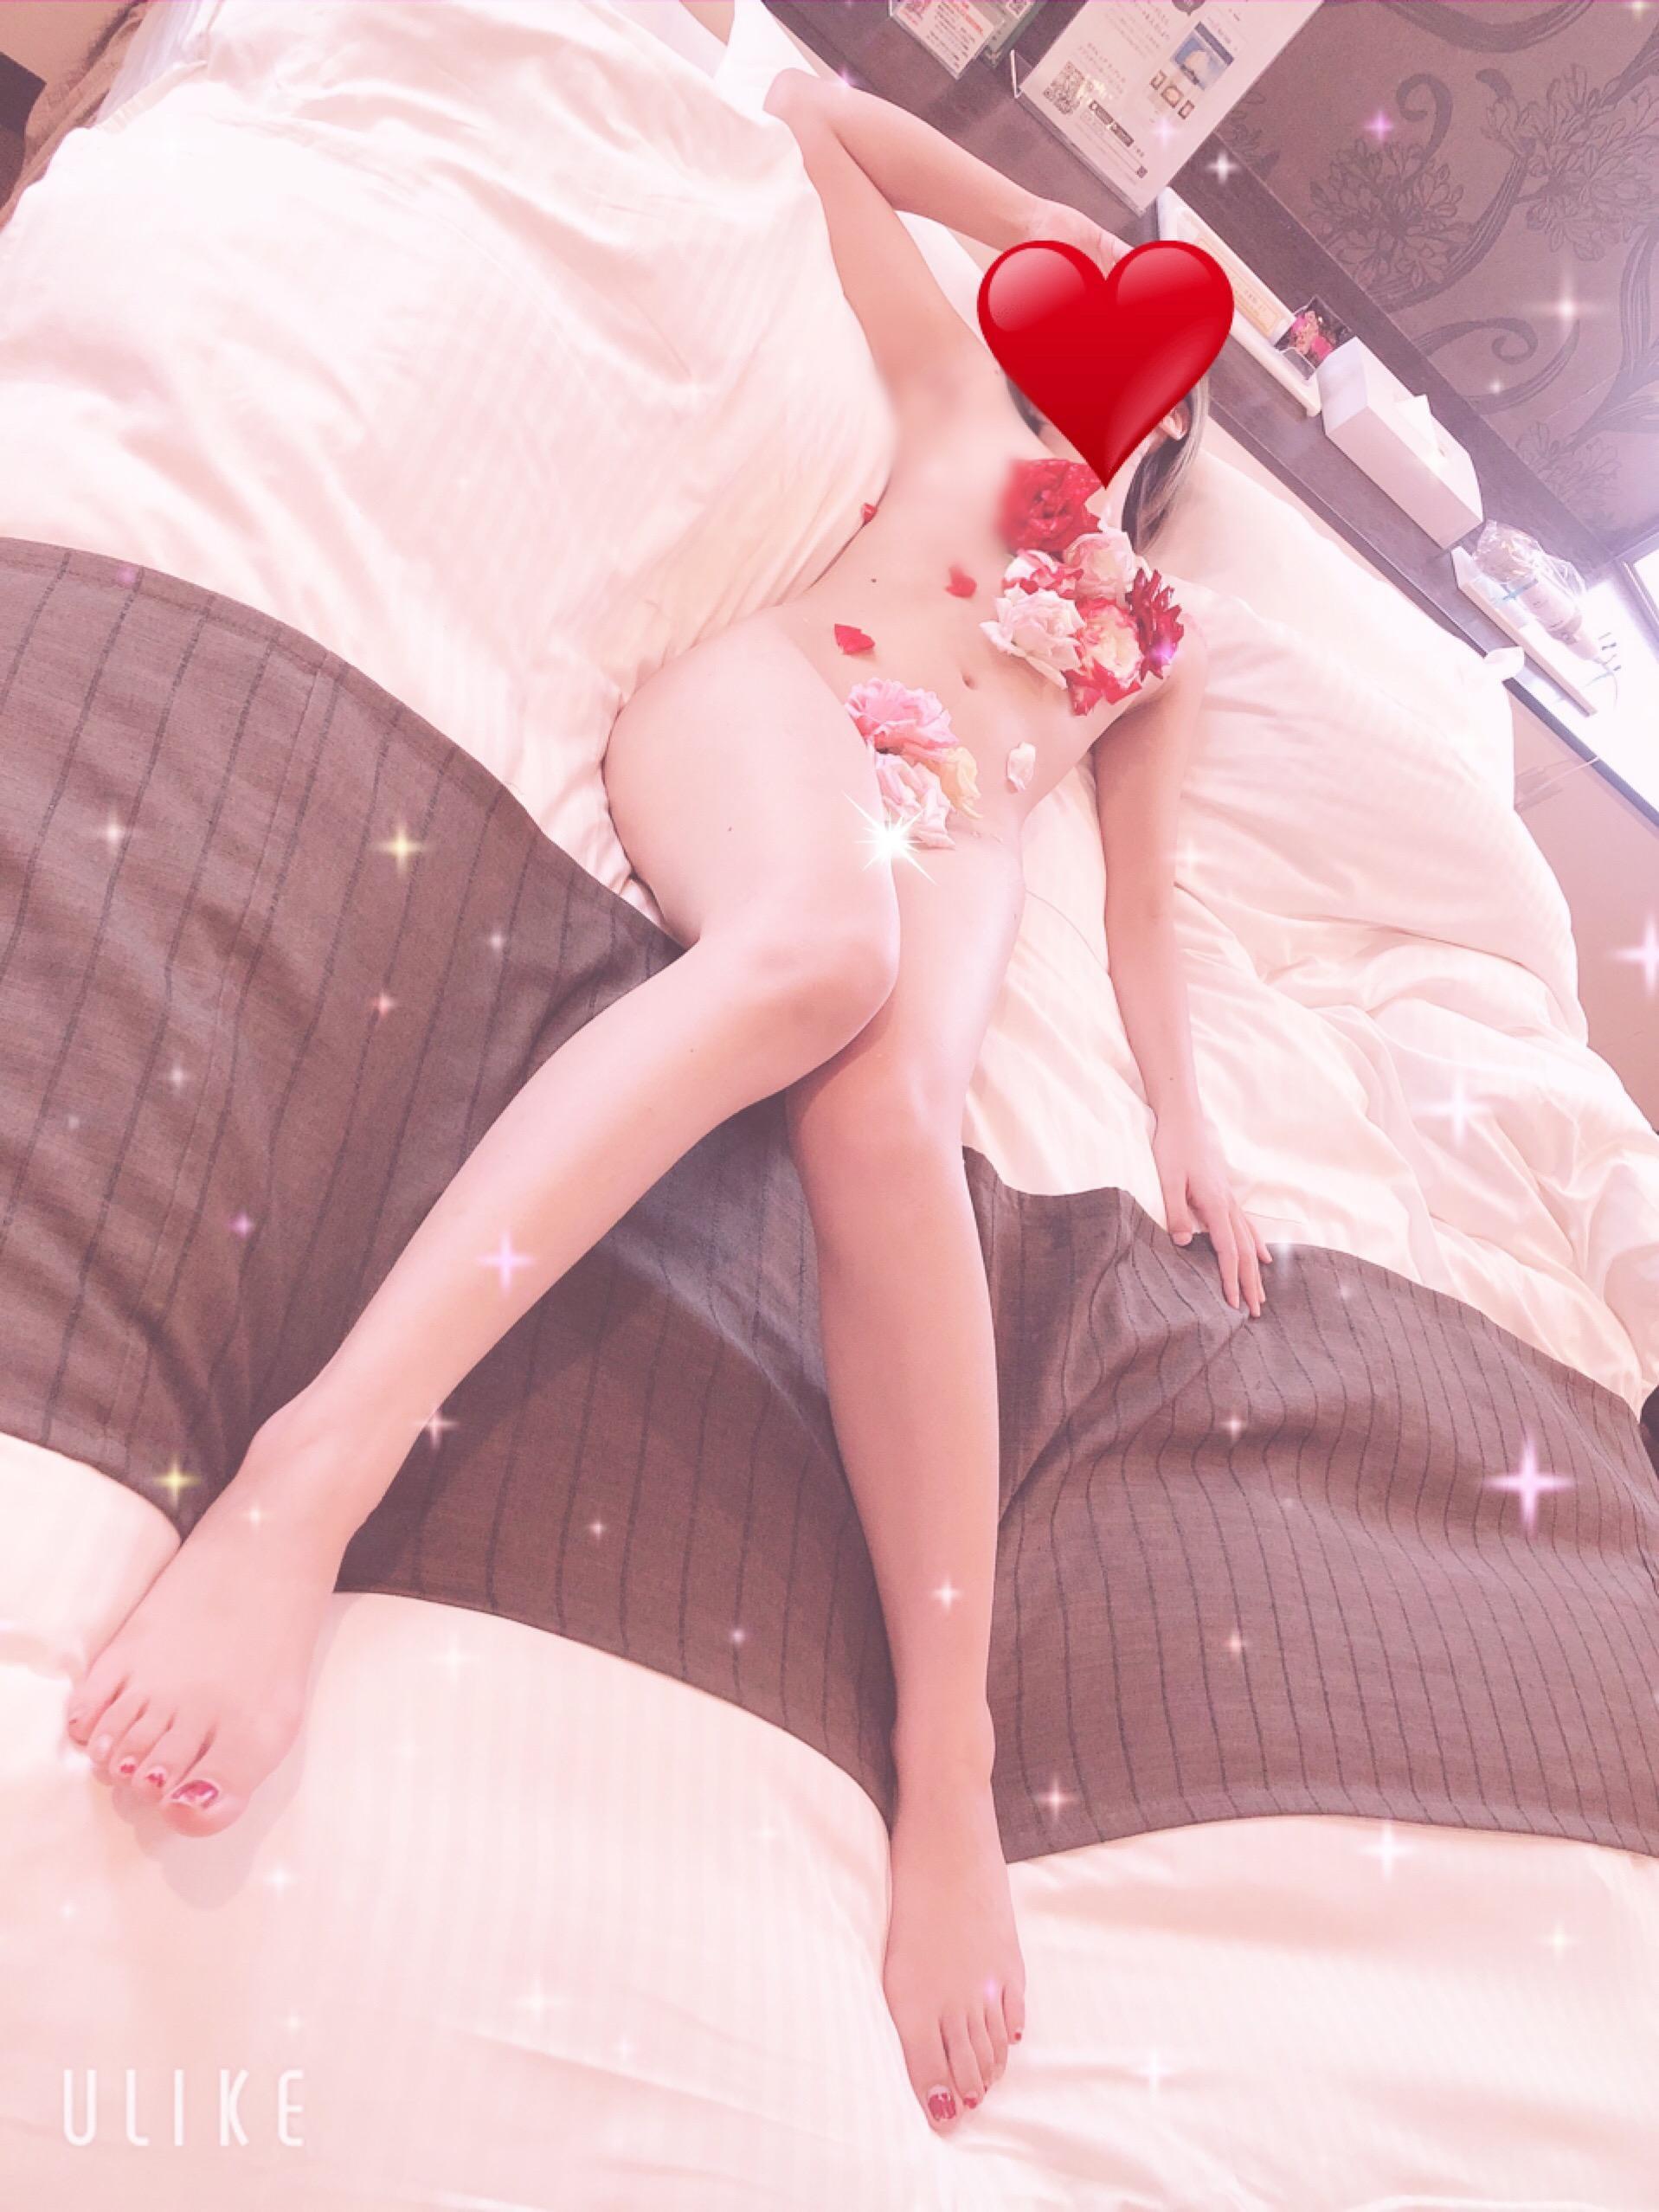 「ろんぐこーーす!」10/10(10/10) 04:30 | かりん(かわいい系)の写メ・風俗動画